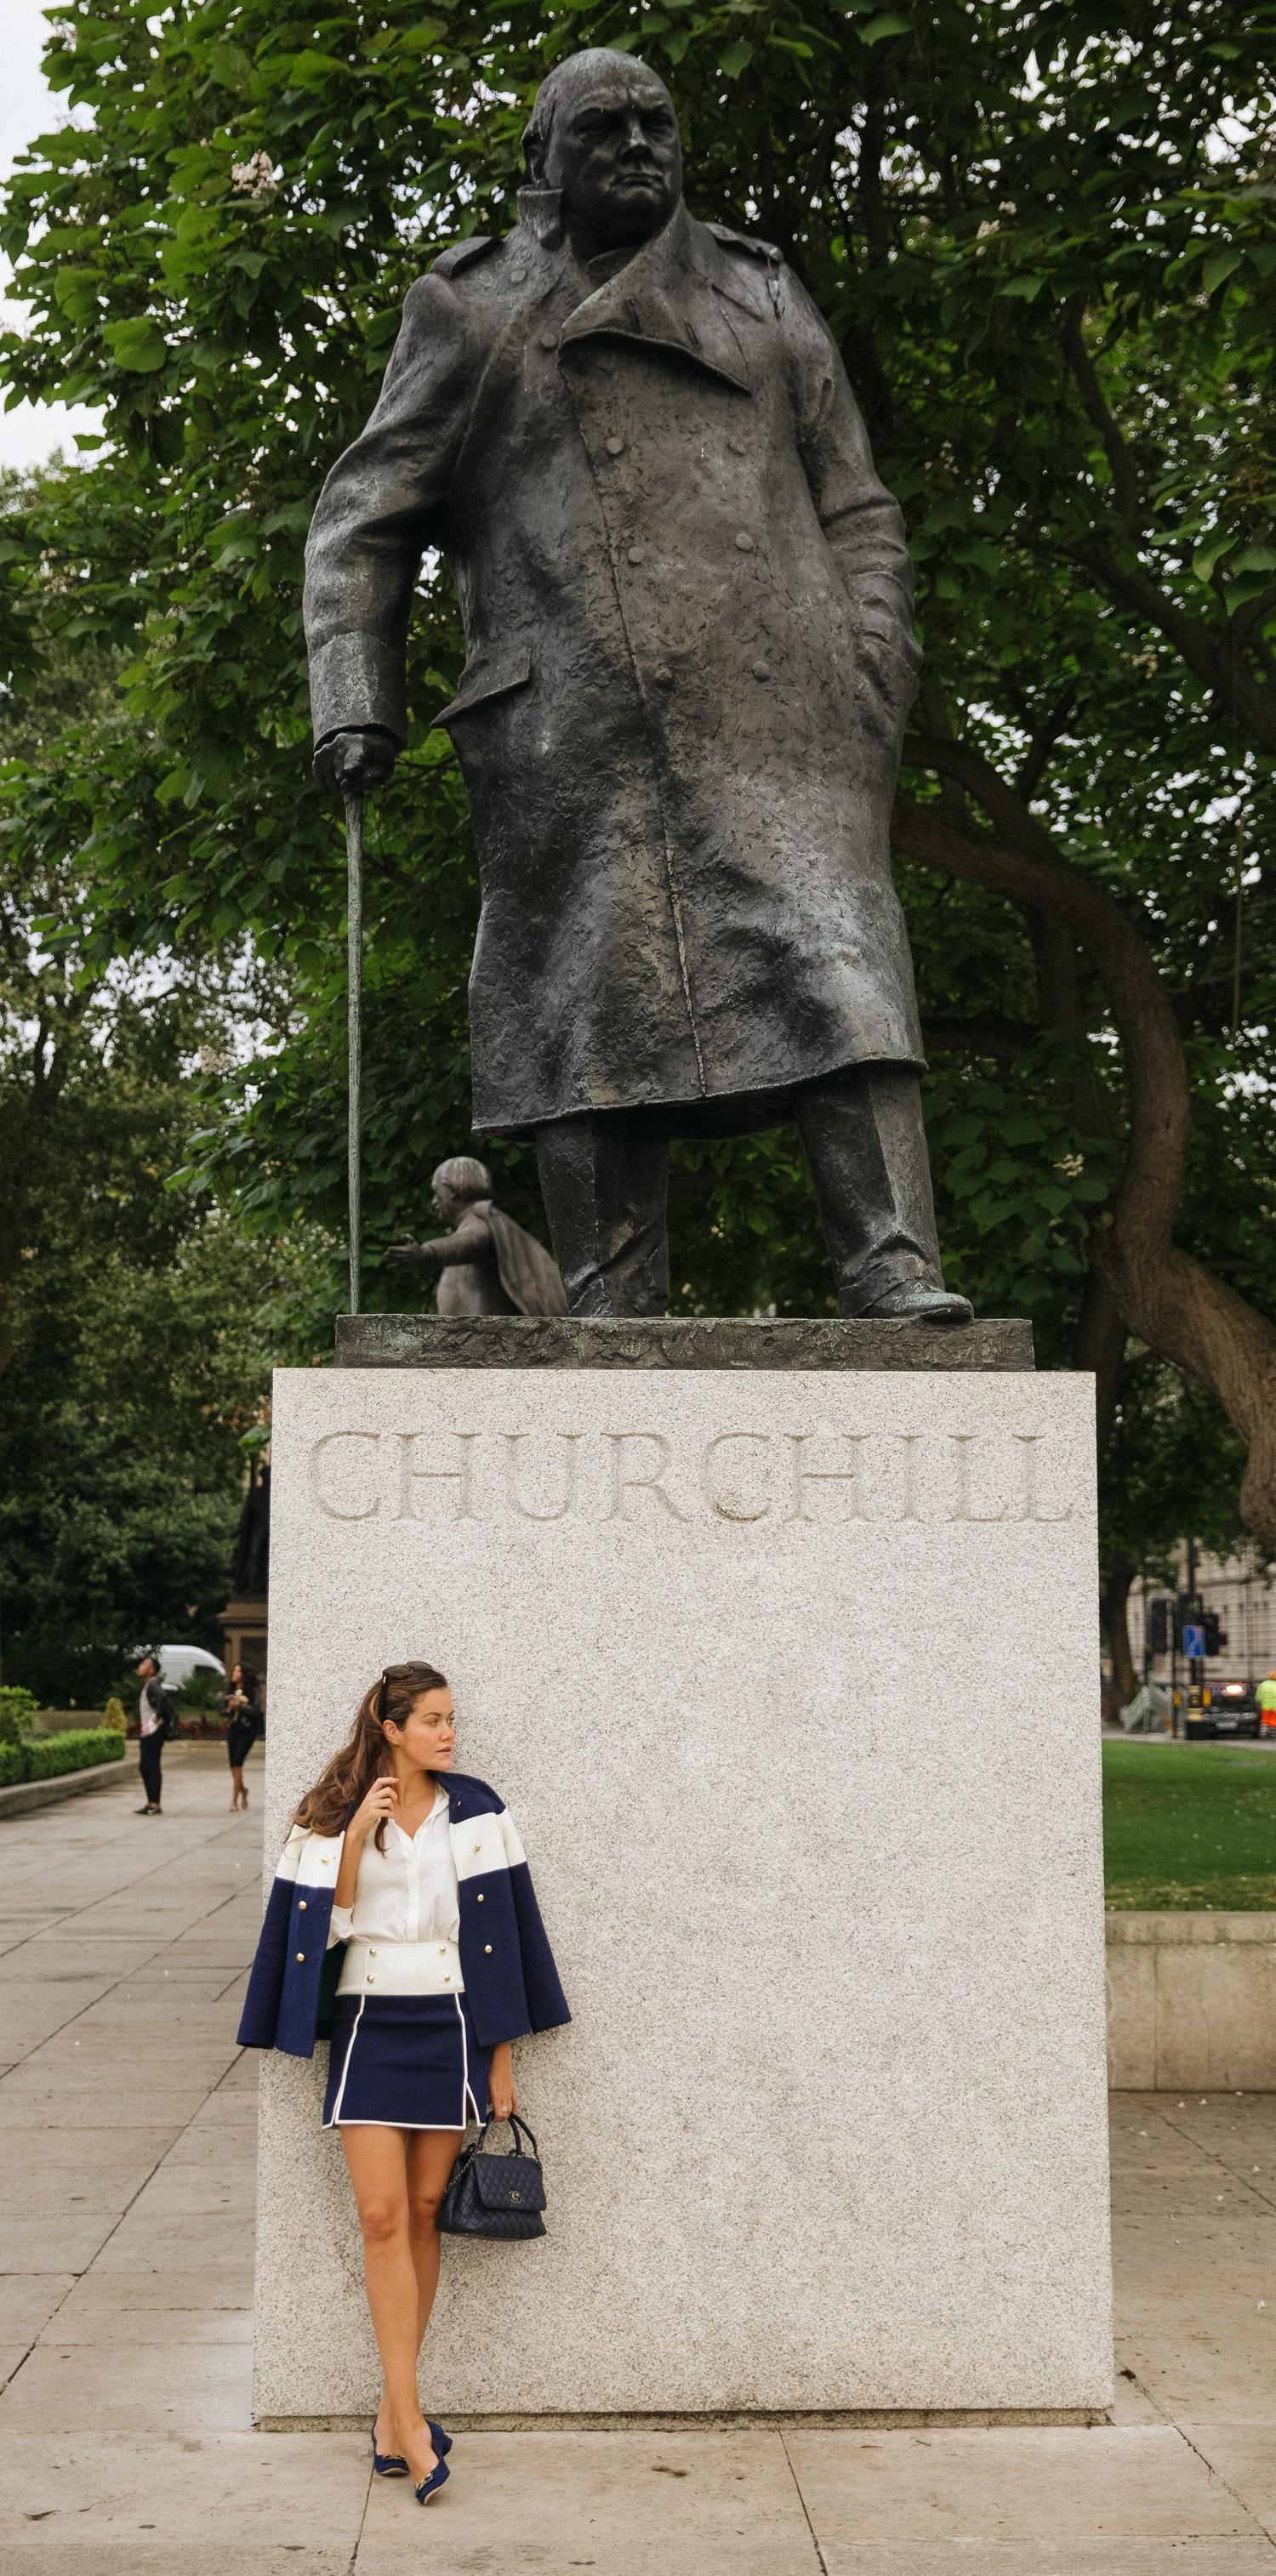 Churchill Statue in London